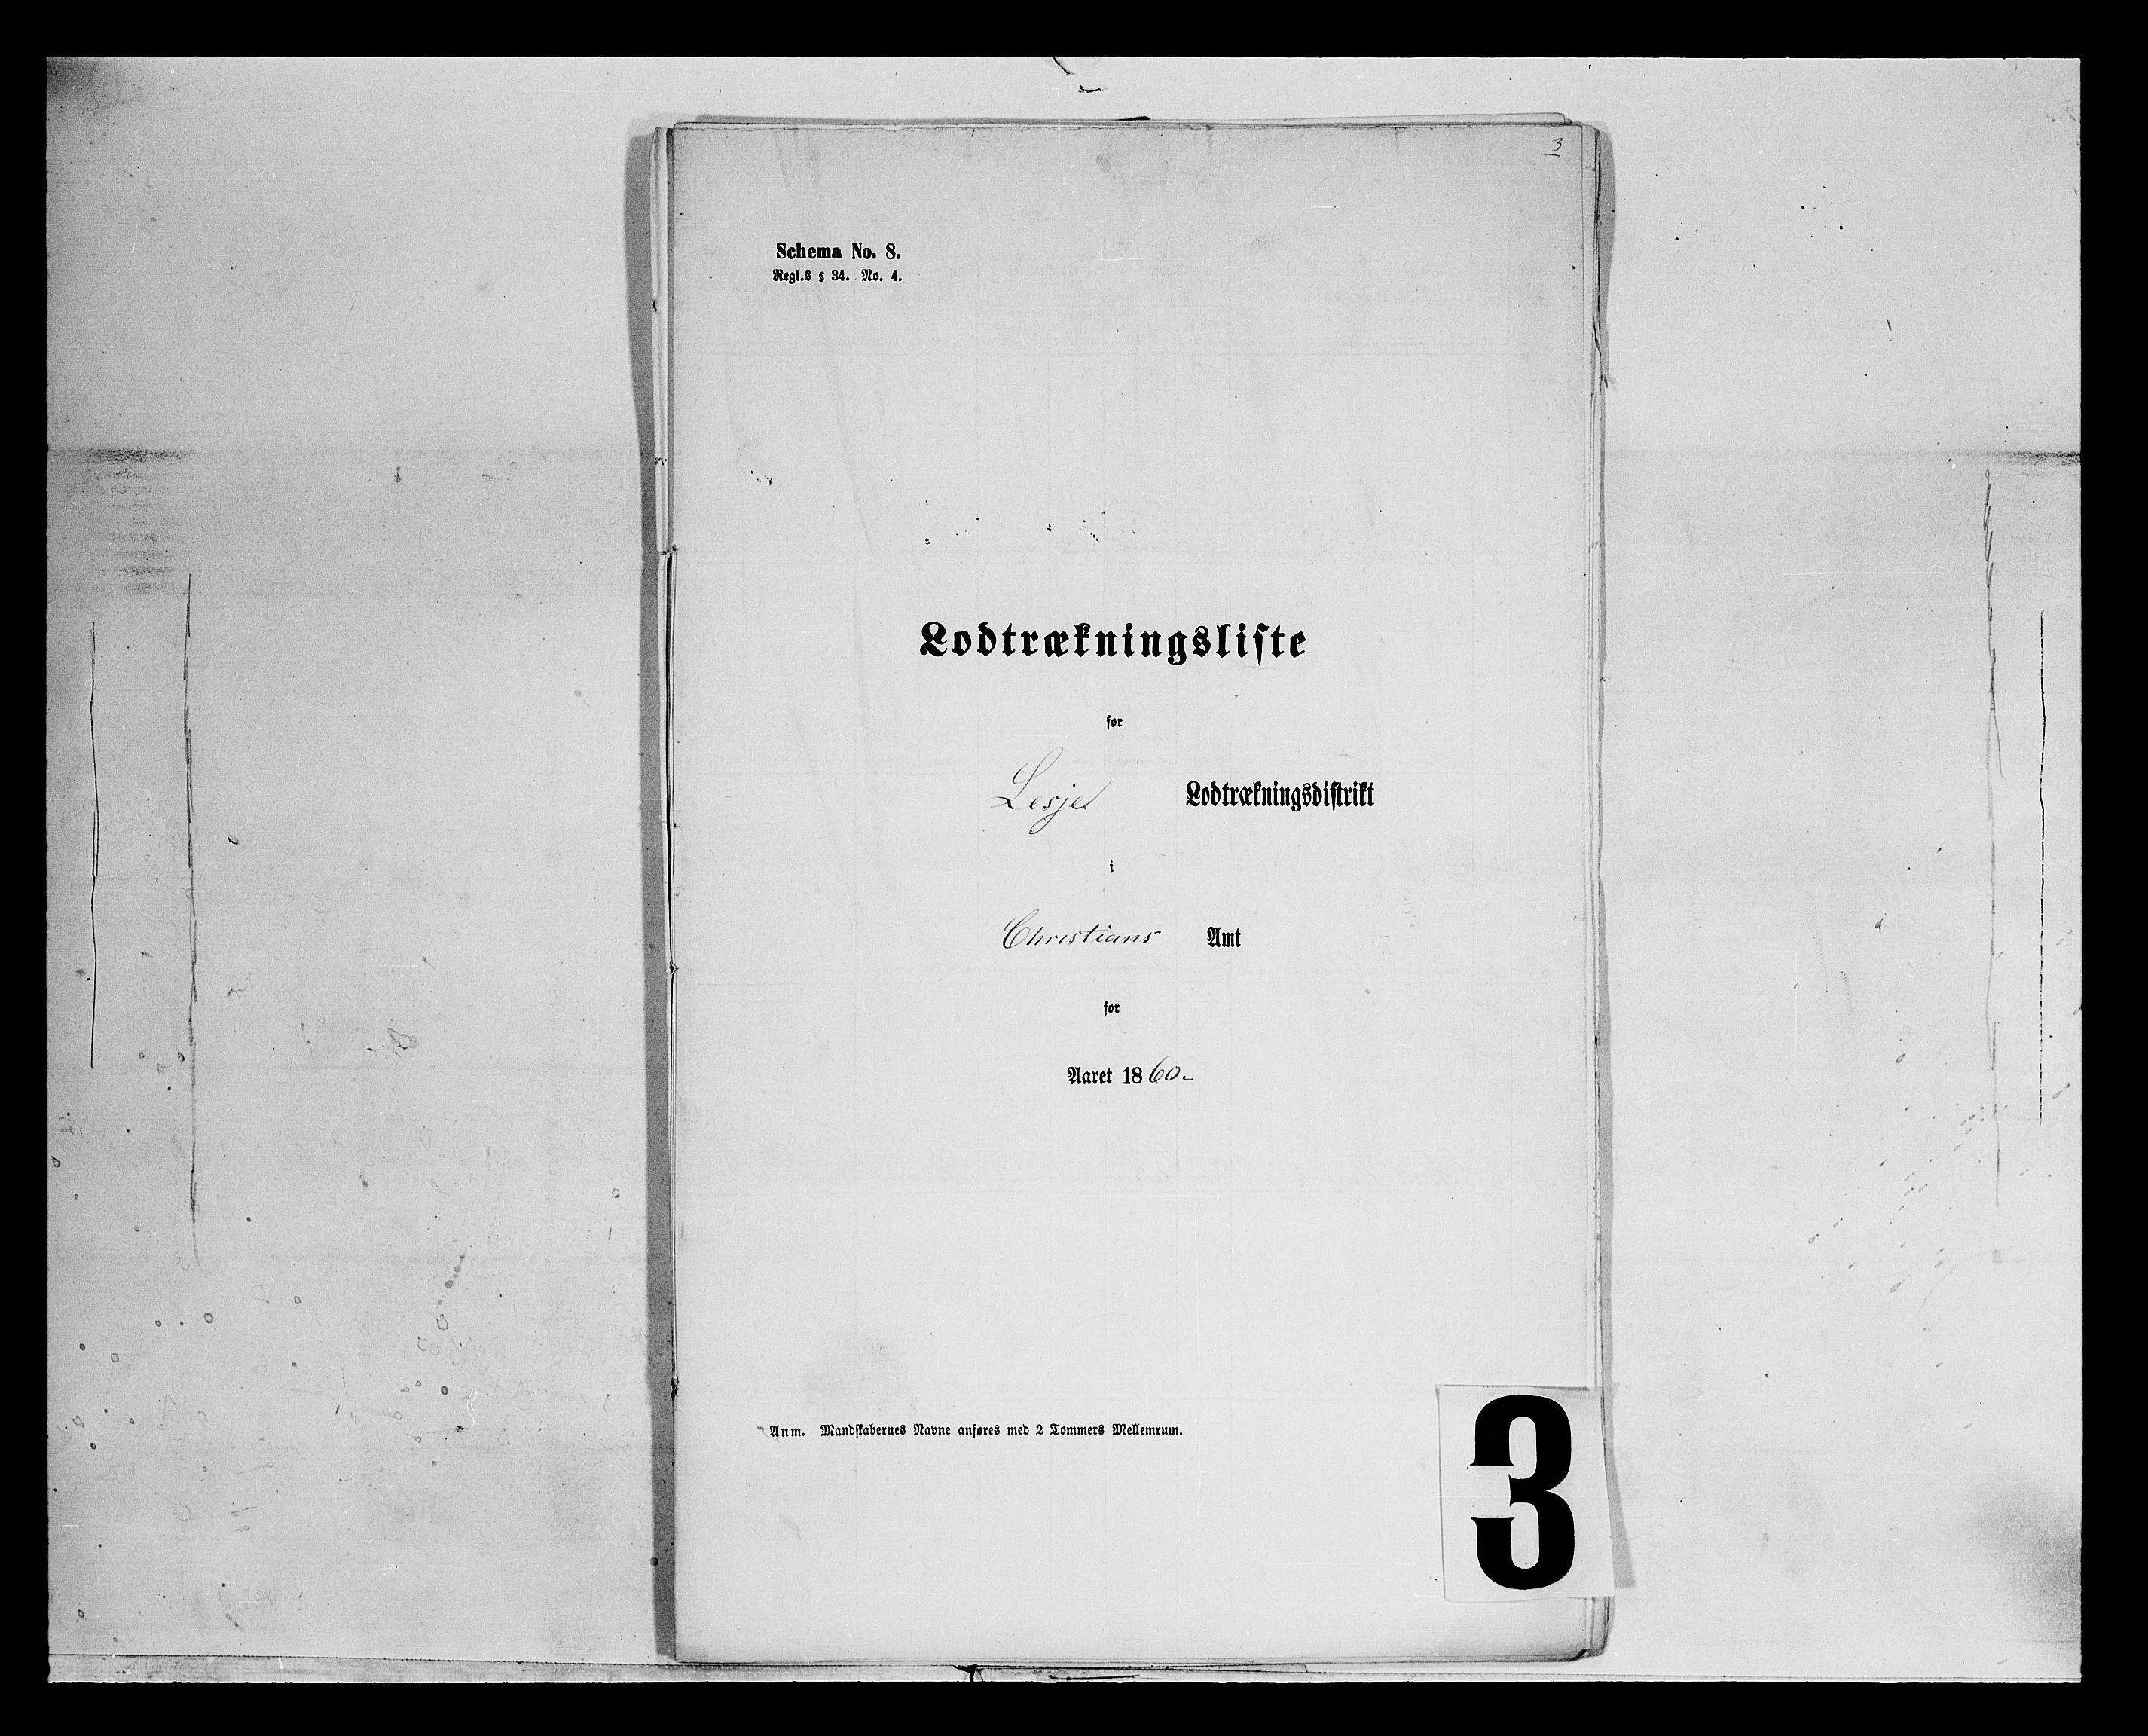 SAH, Fylkesmannen i Oppland, K/Kg/L1176: Lesja og Dovre og hele amtet, 1860-1880, s. 1